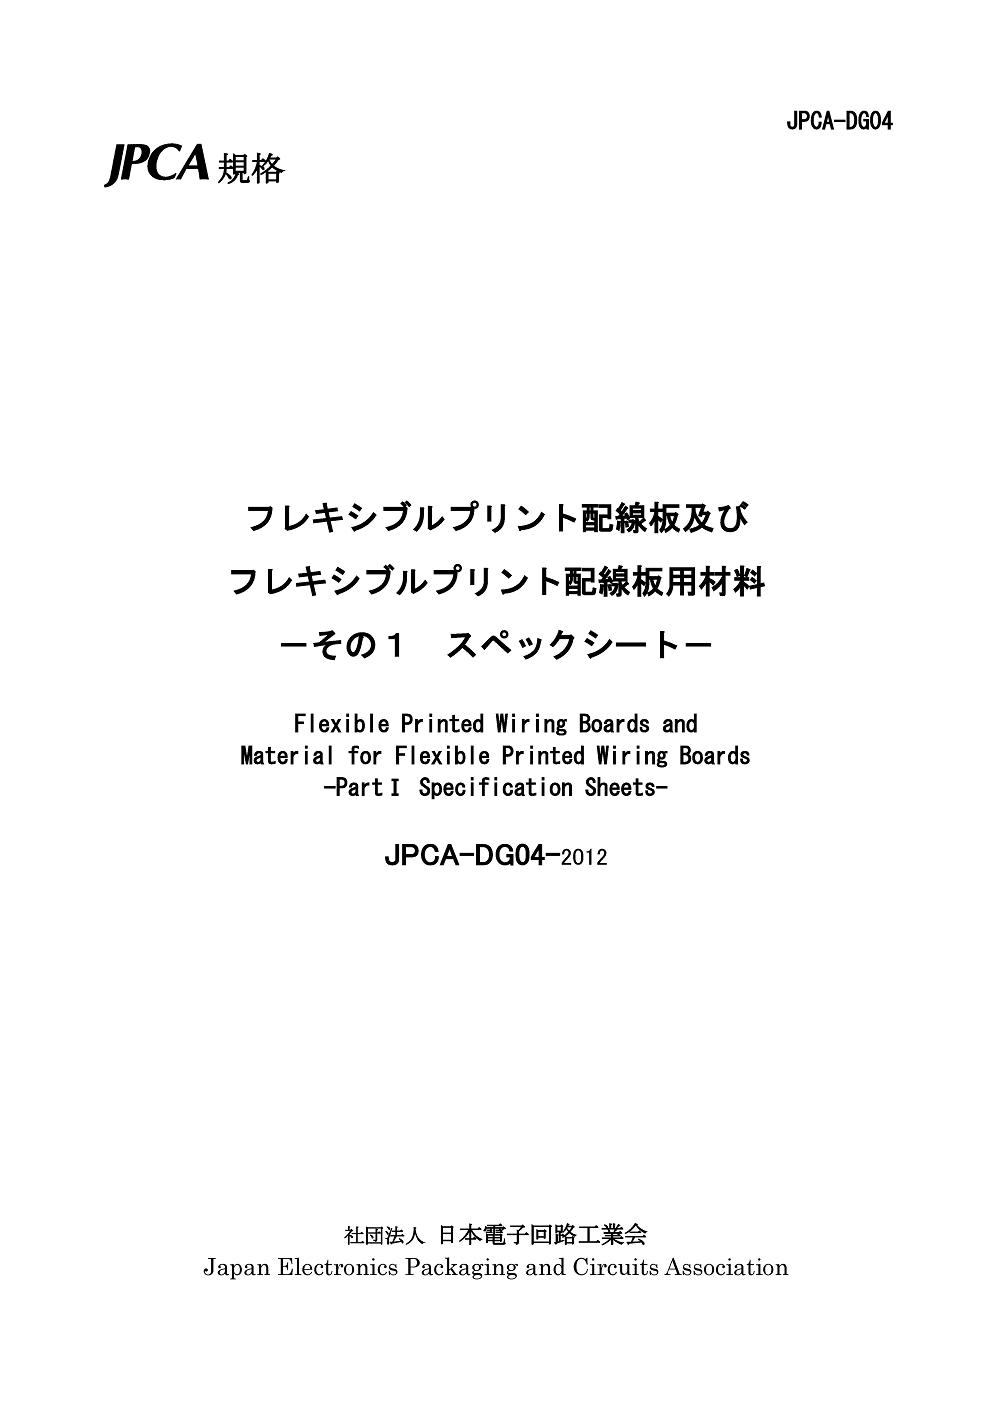 jpca-dg04-1